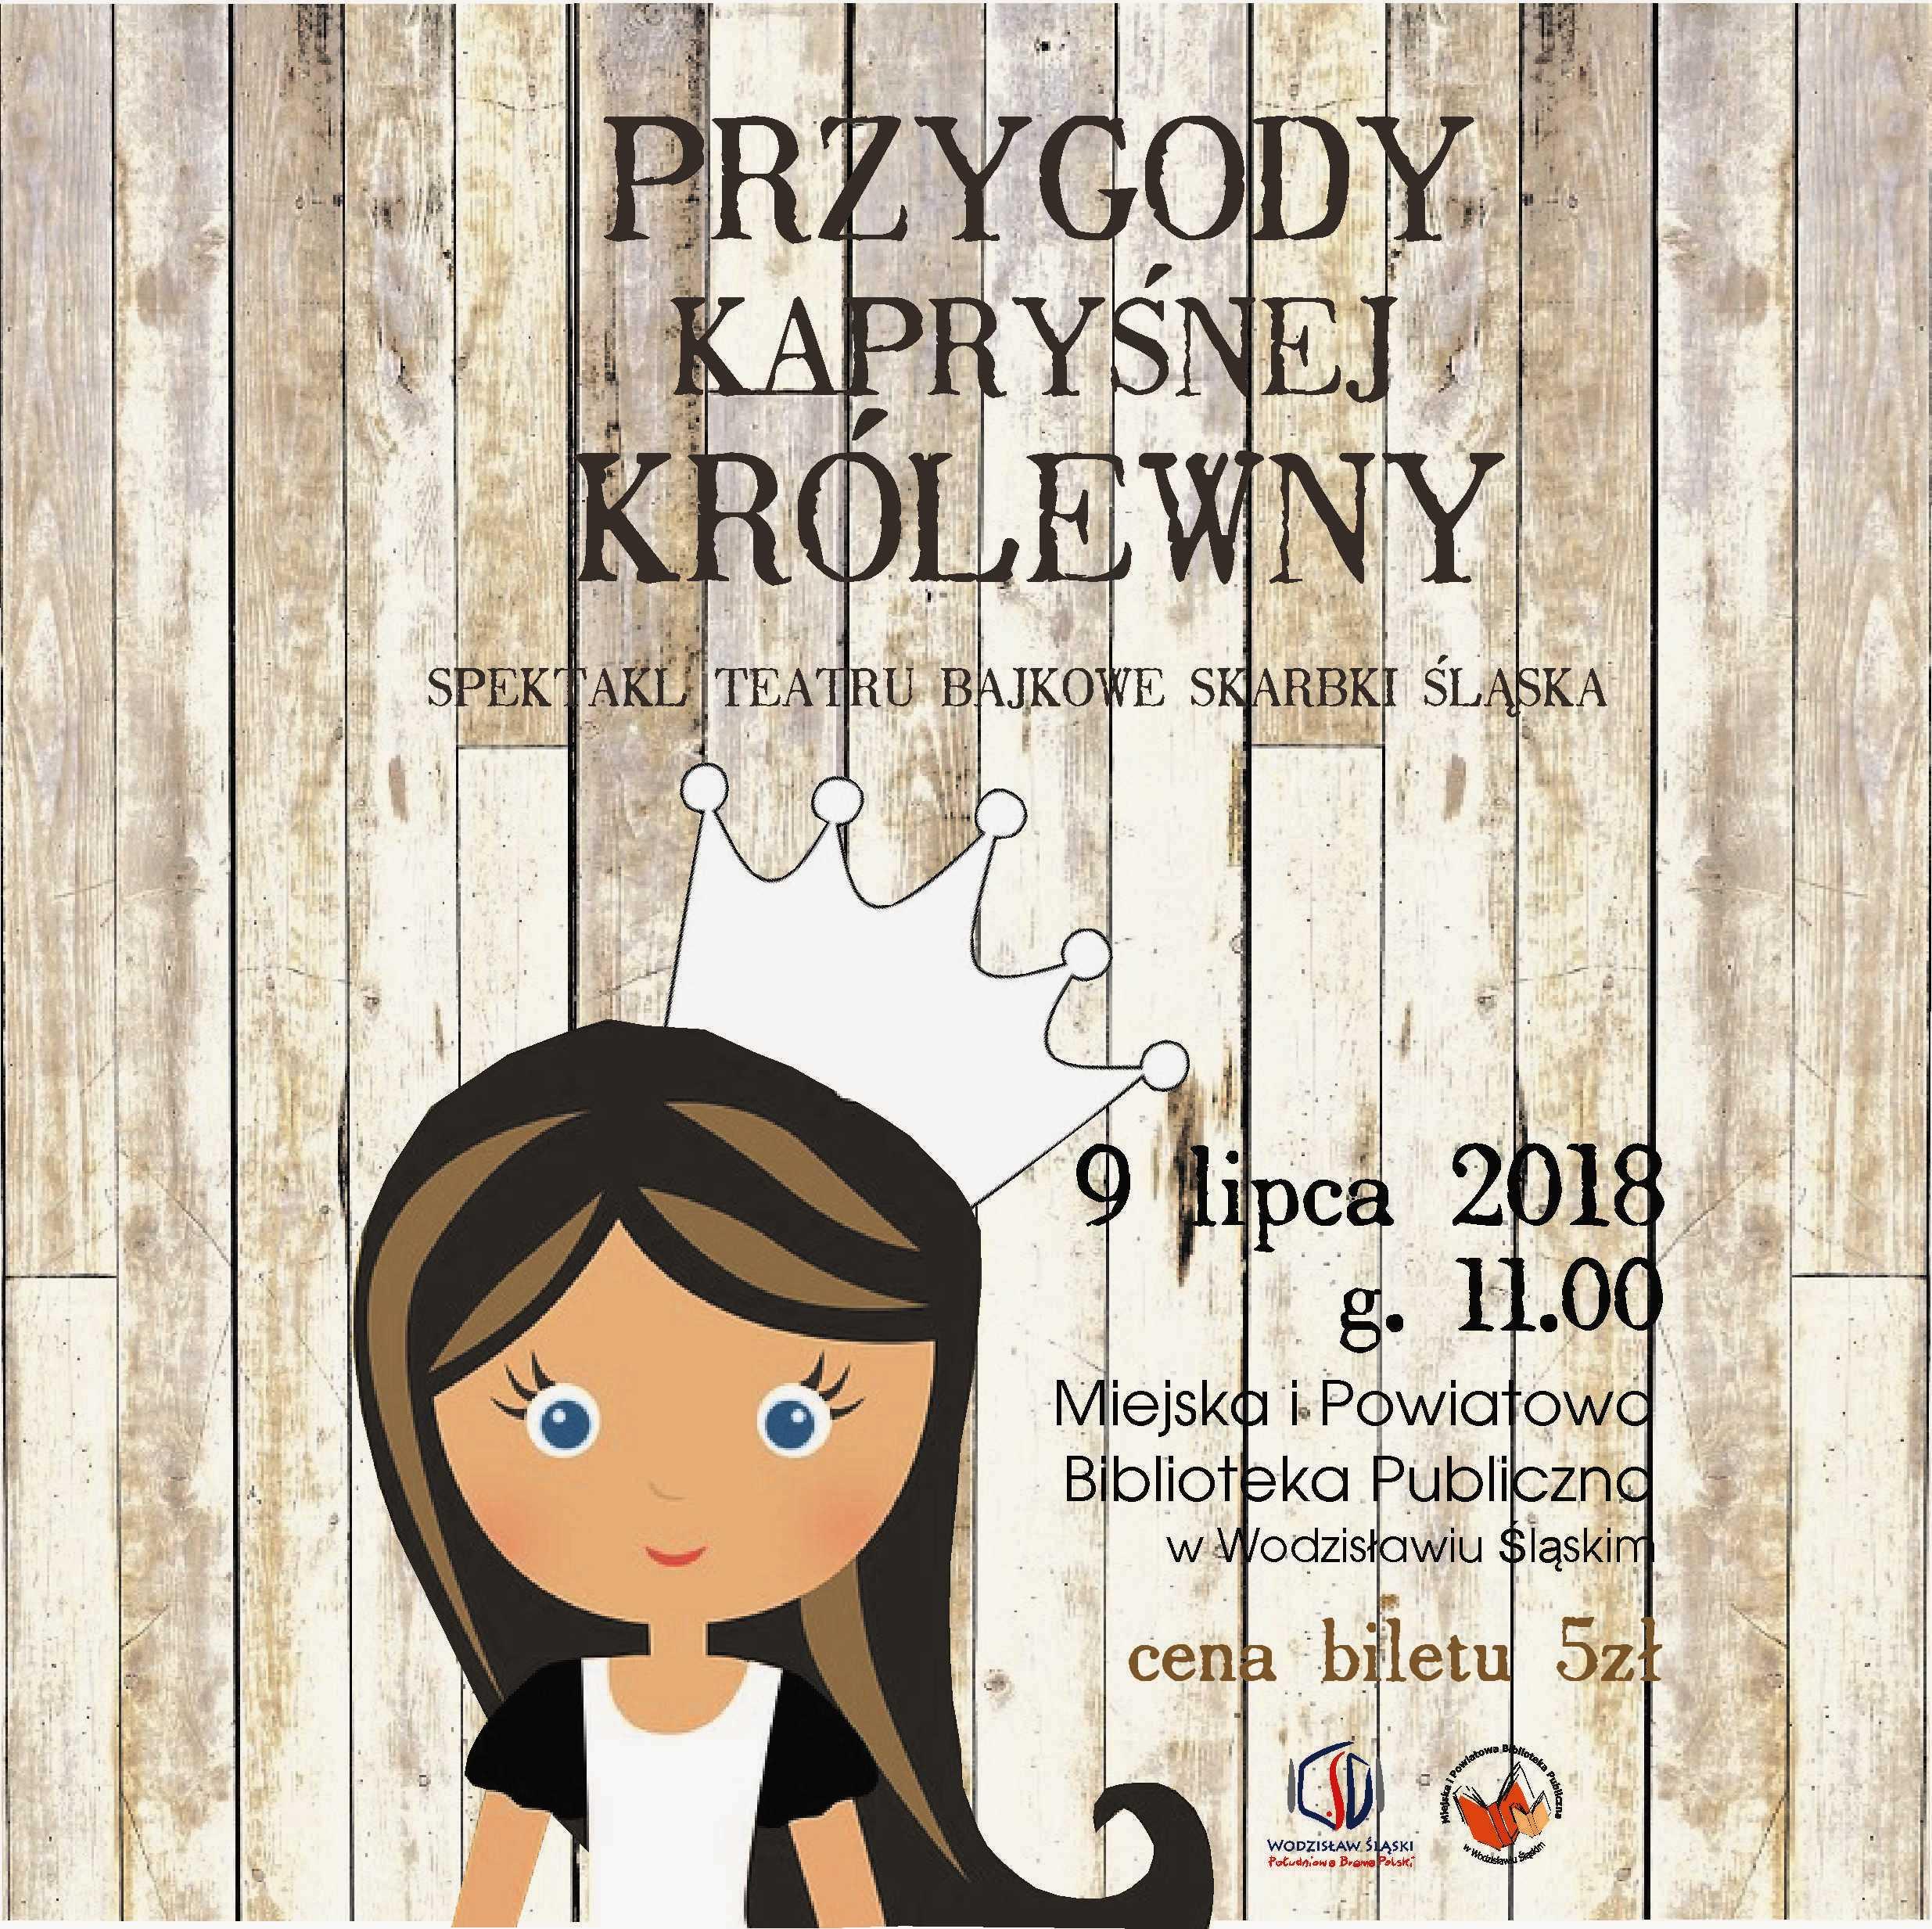 PRZYGODY KAPRYŚNEJ KRÓLEWNY – 9 Lipca 2018 Godz. 11.00